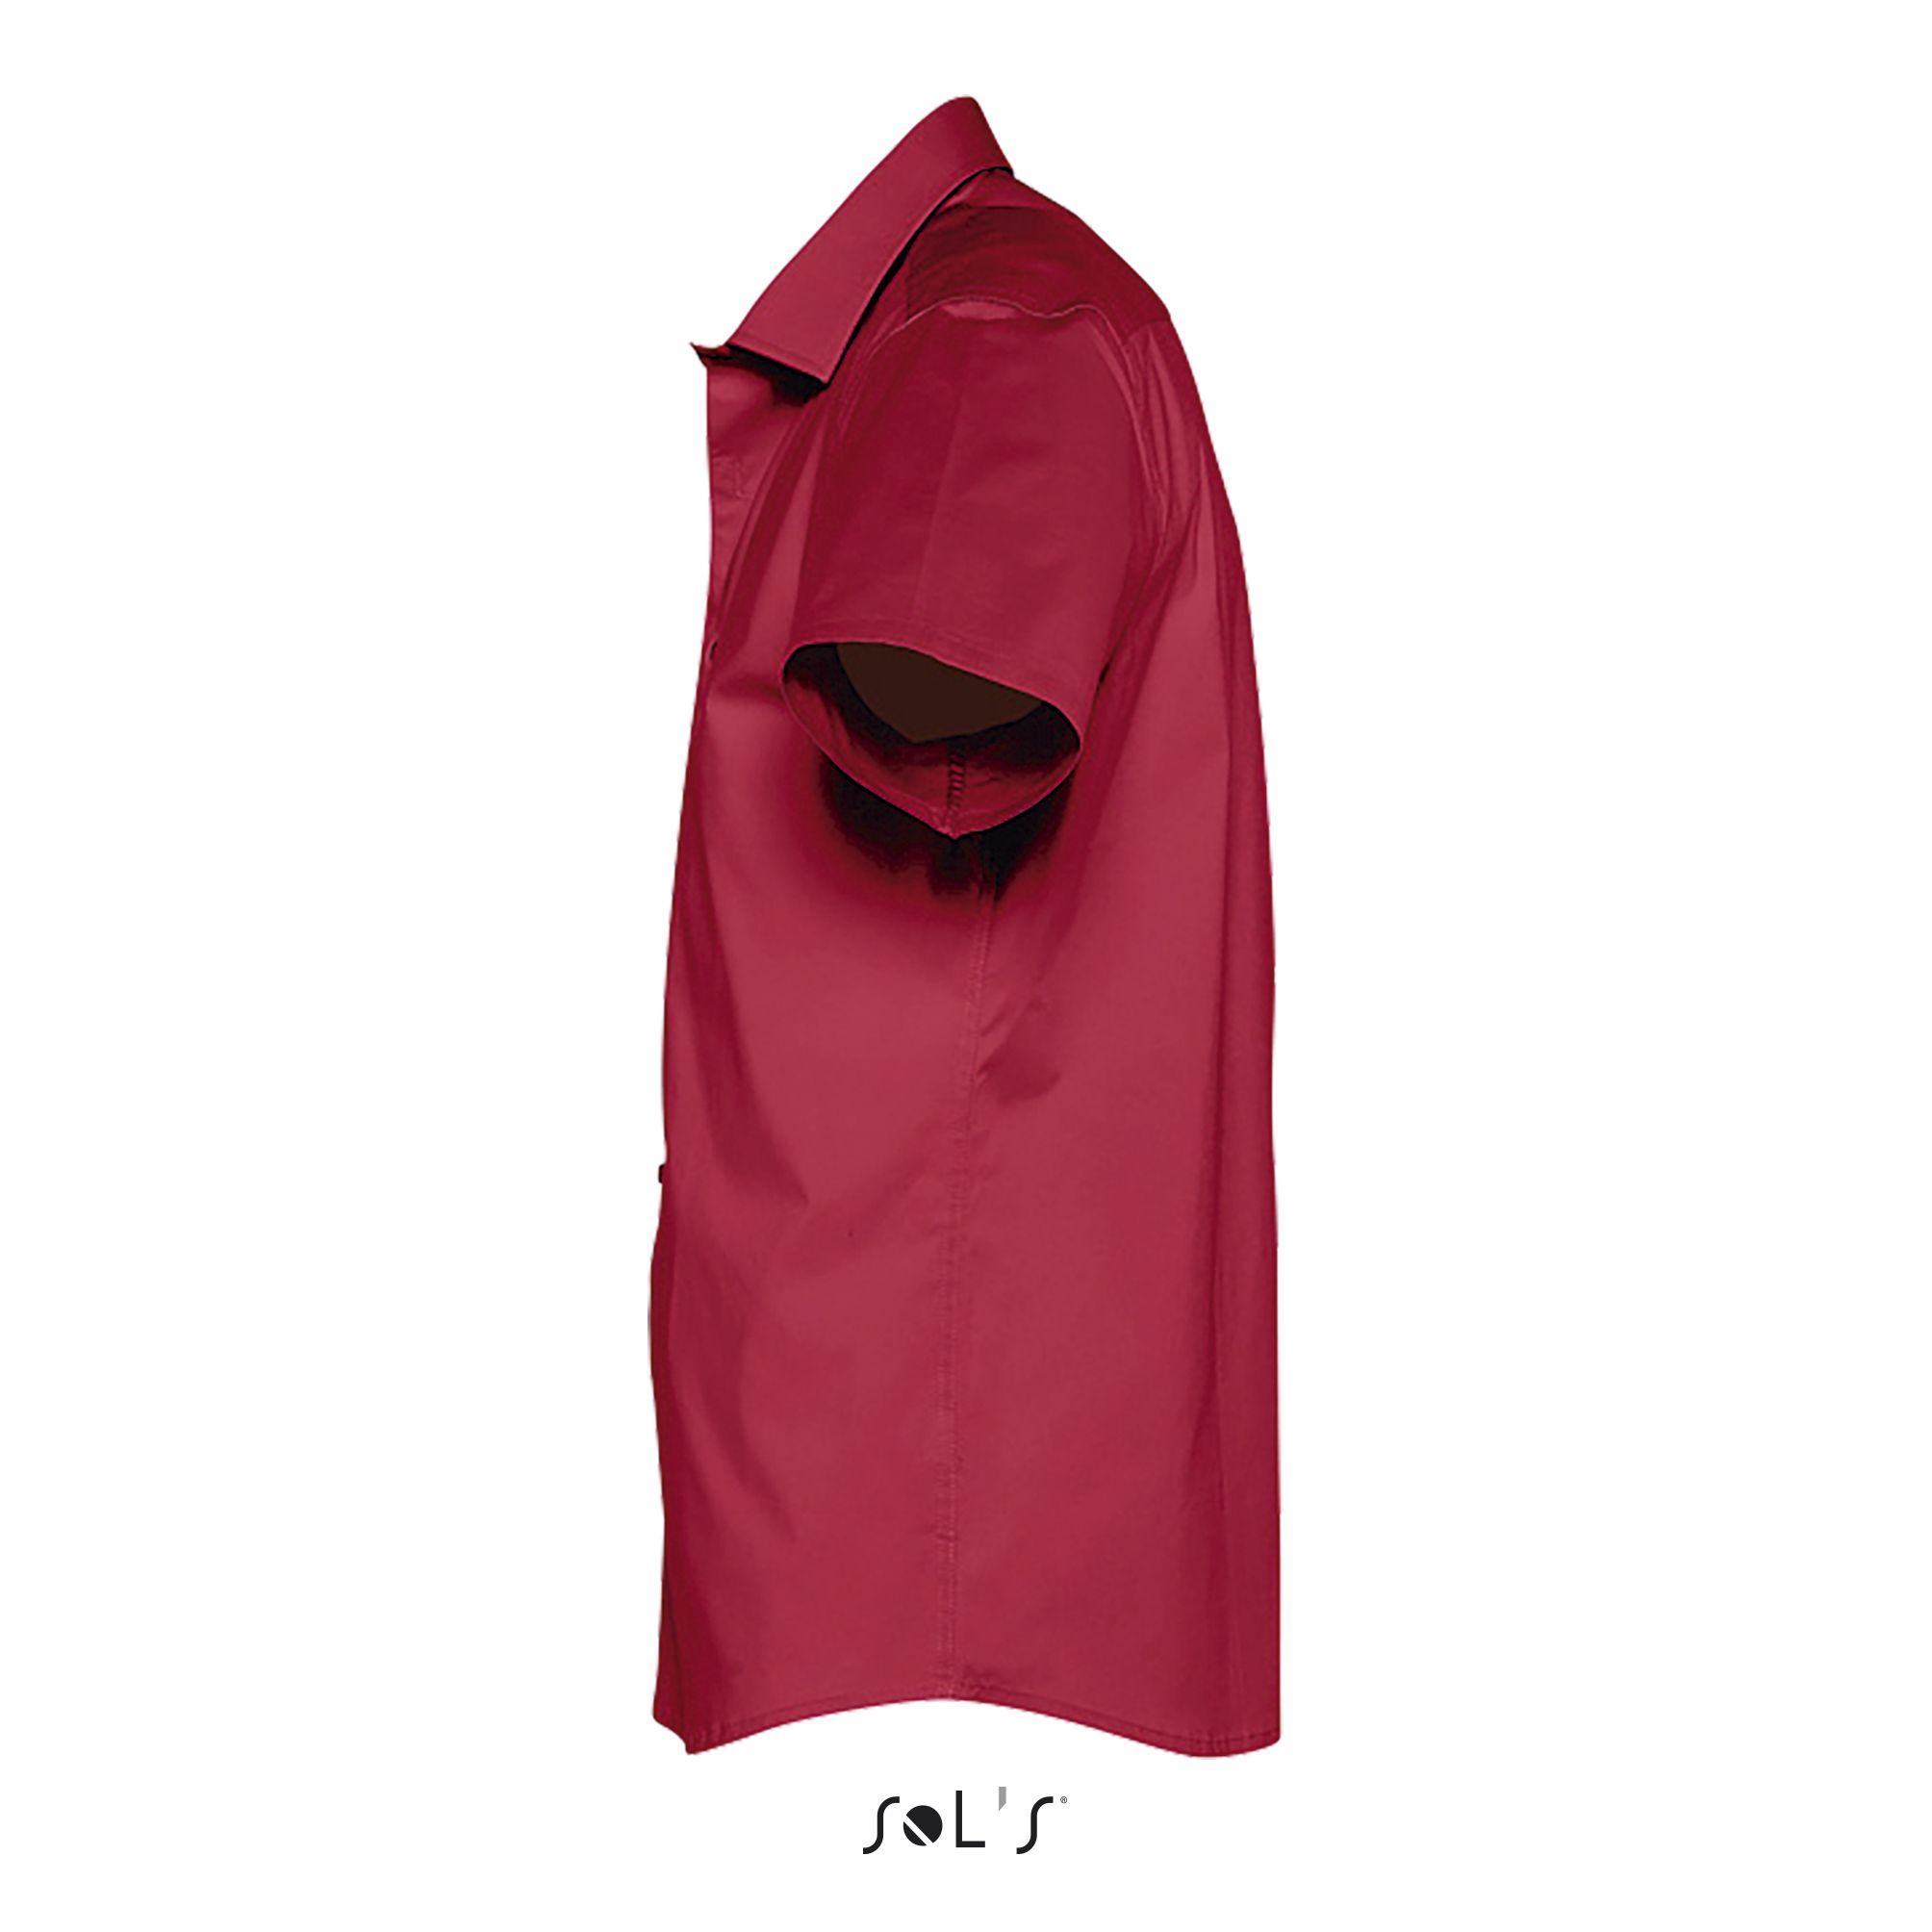 159 - Cardinal red